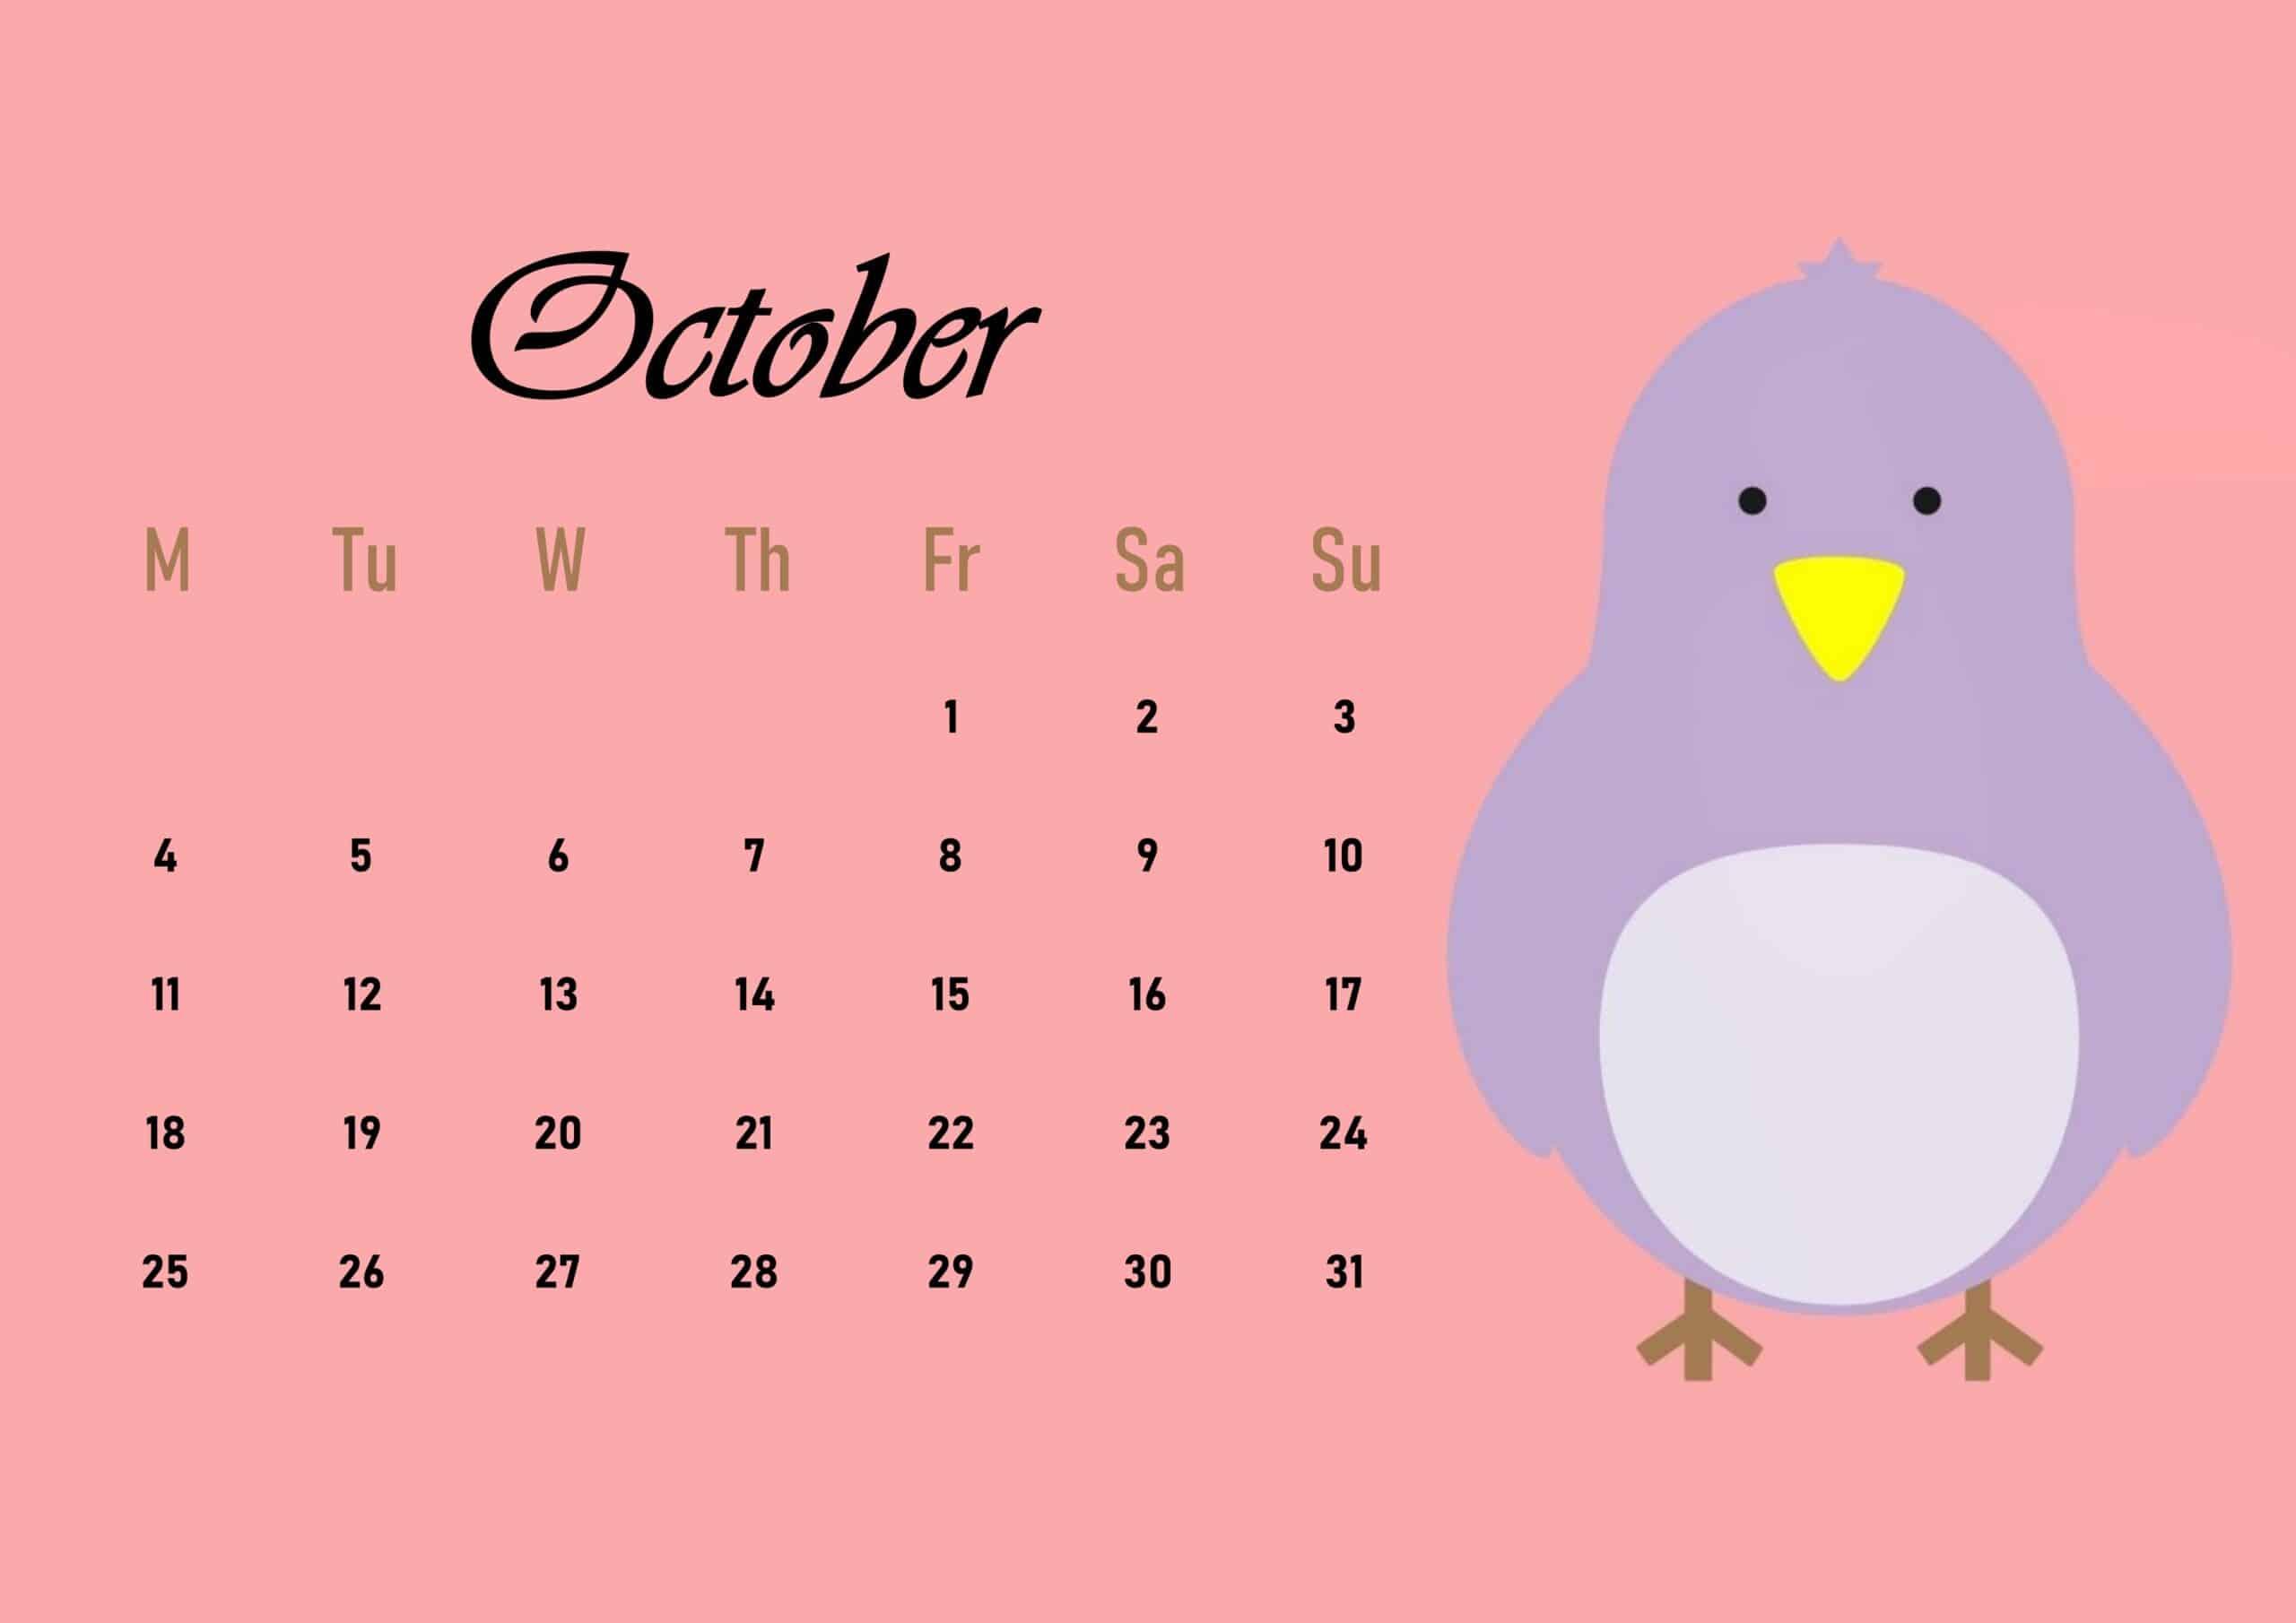 Cute 2021 October Calendar